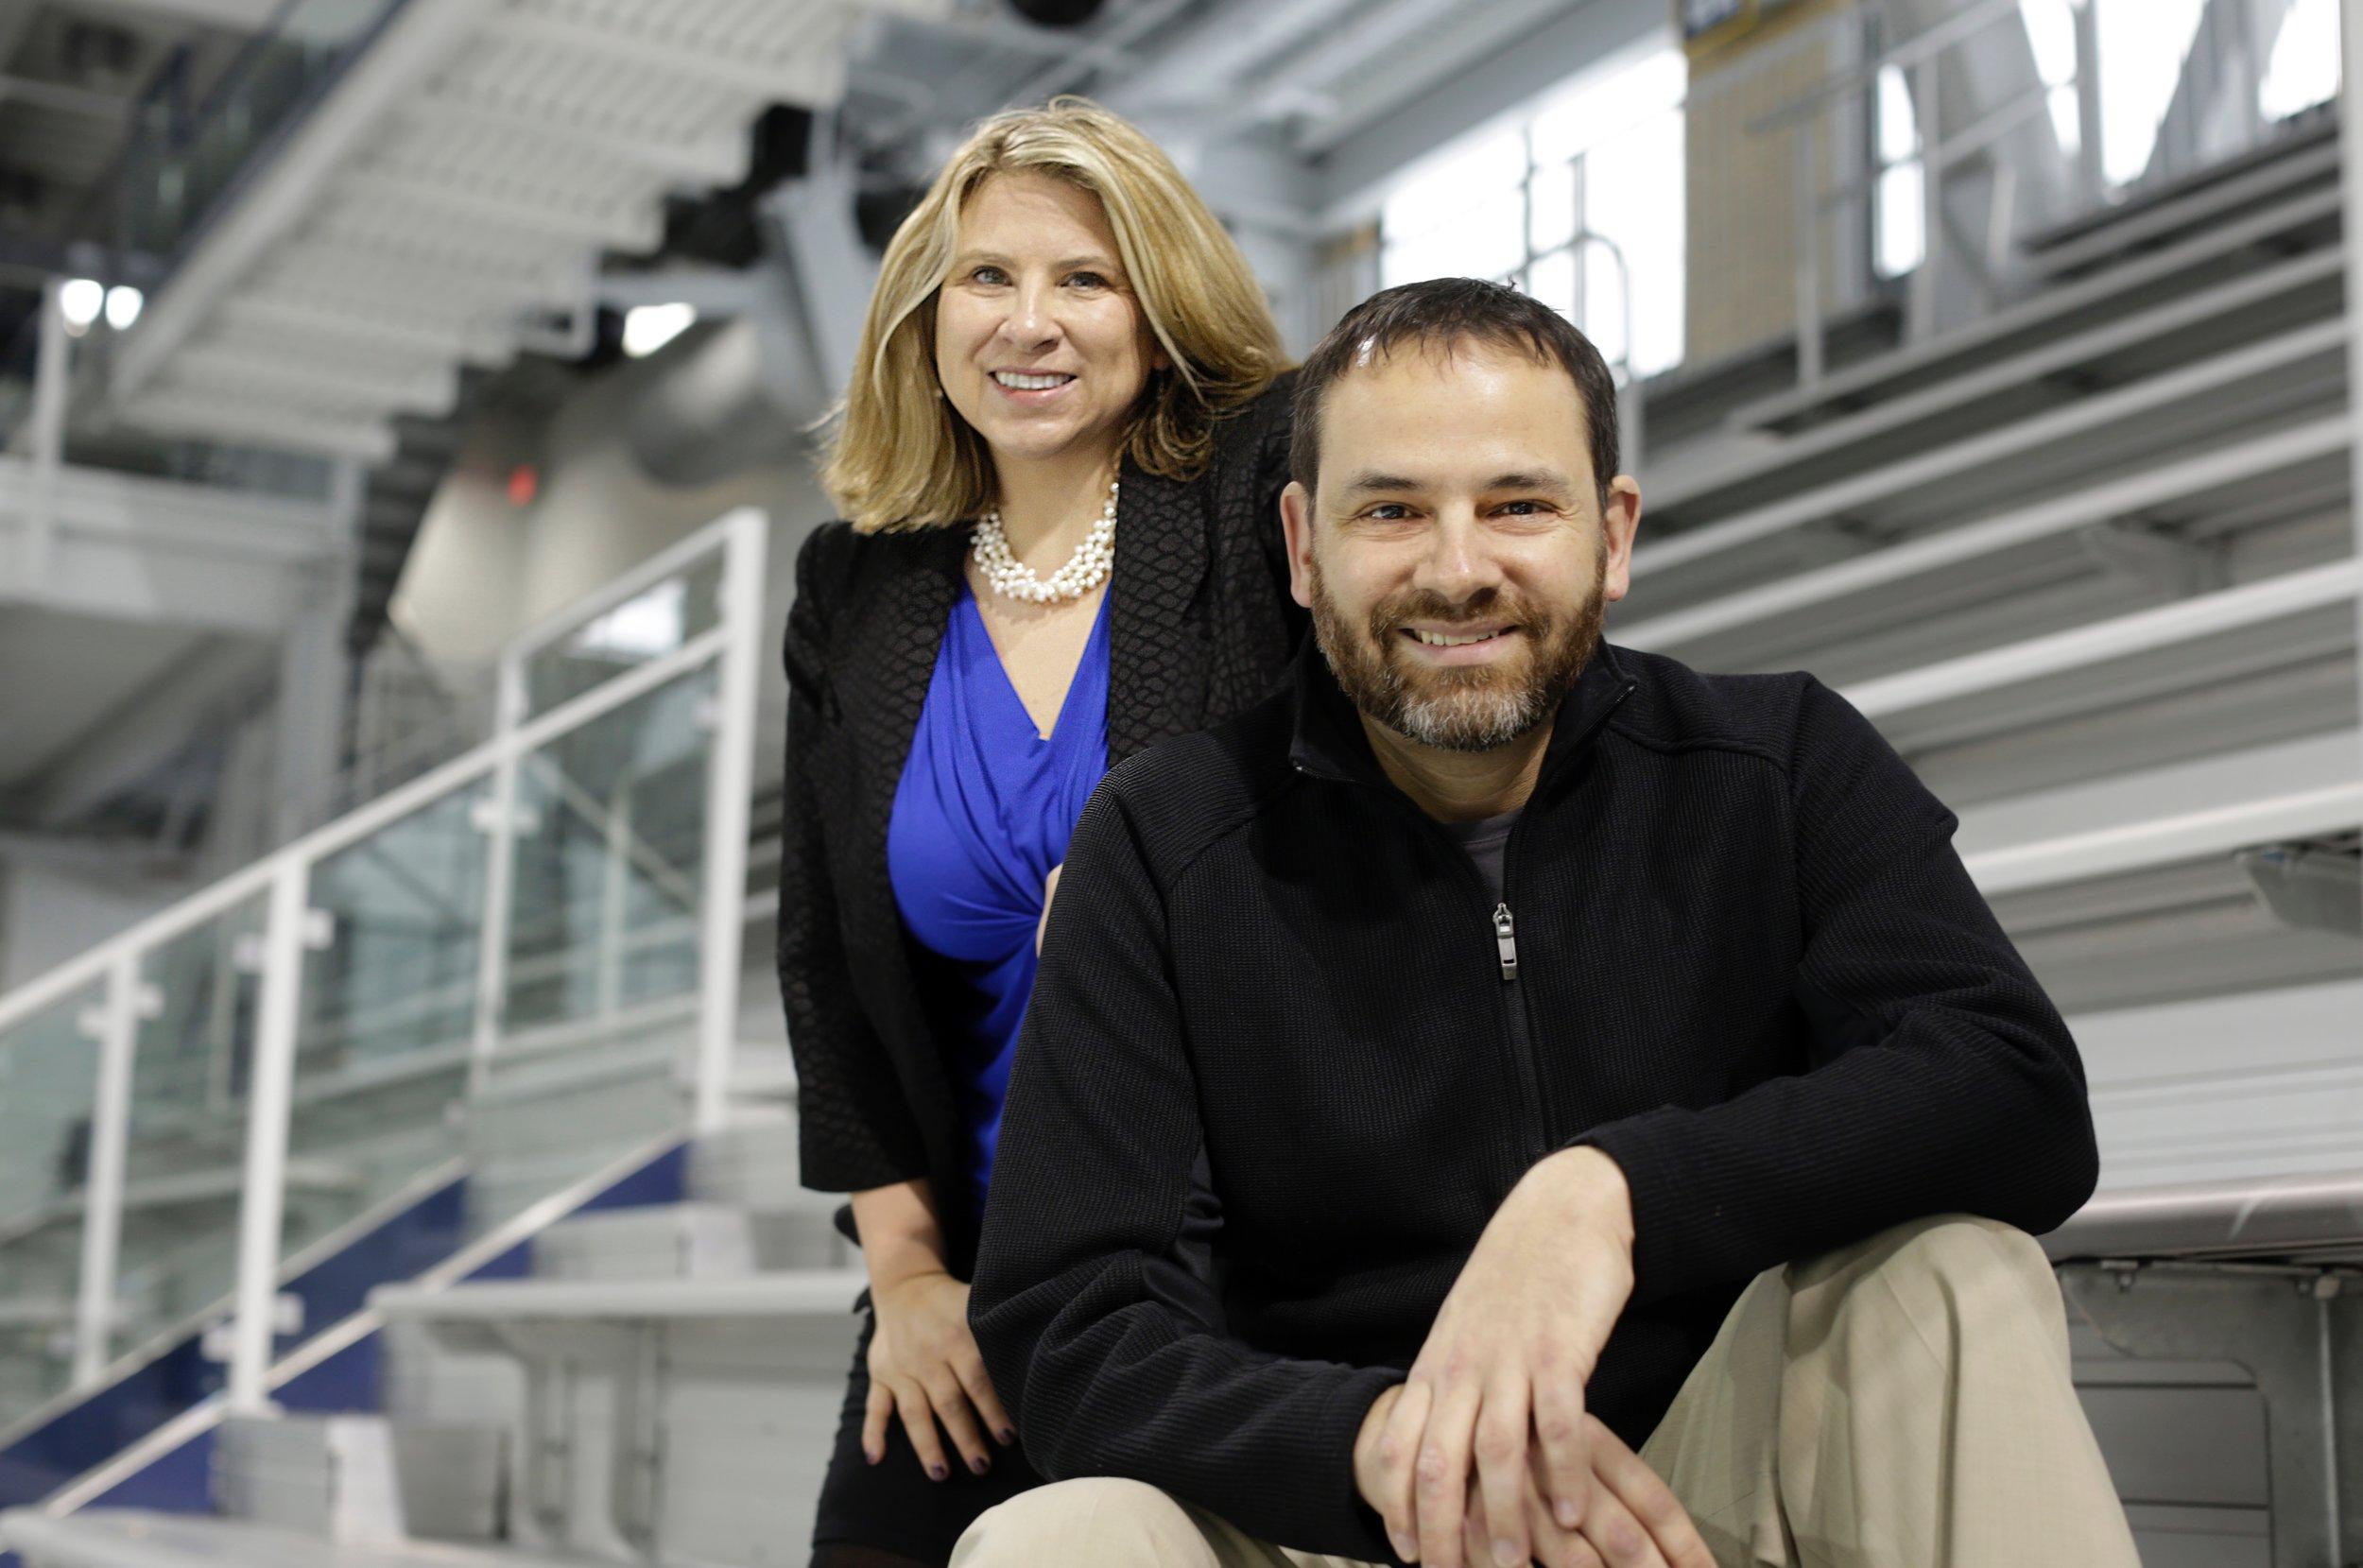 Gerstner and her co-author Dr. Jeffrey S. Kutcher.